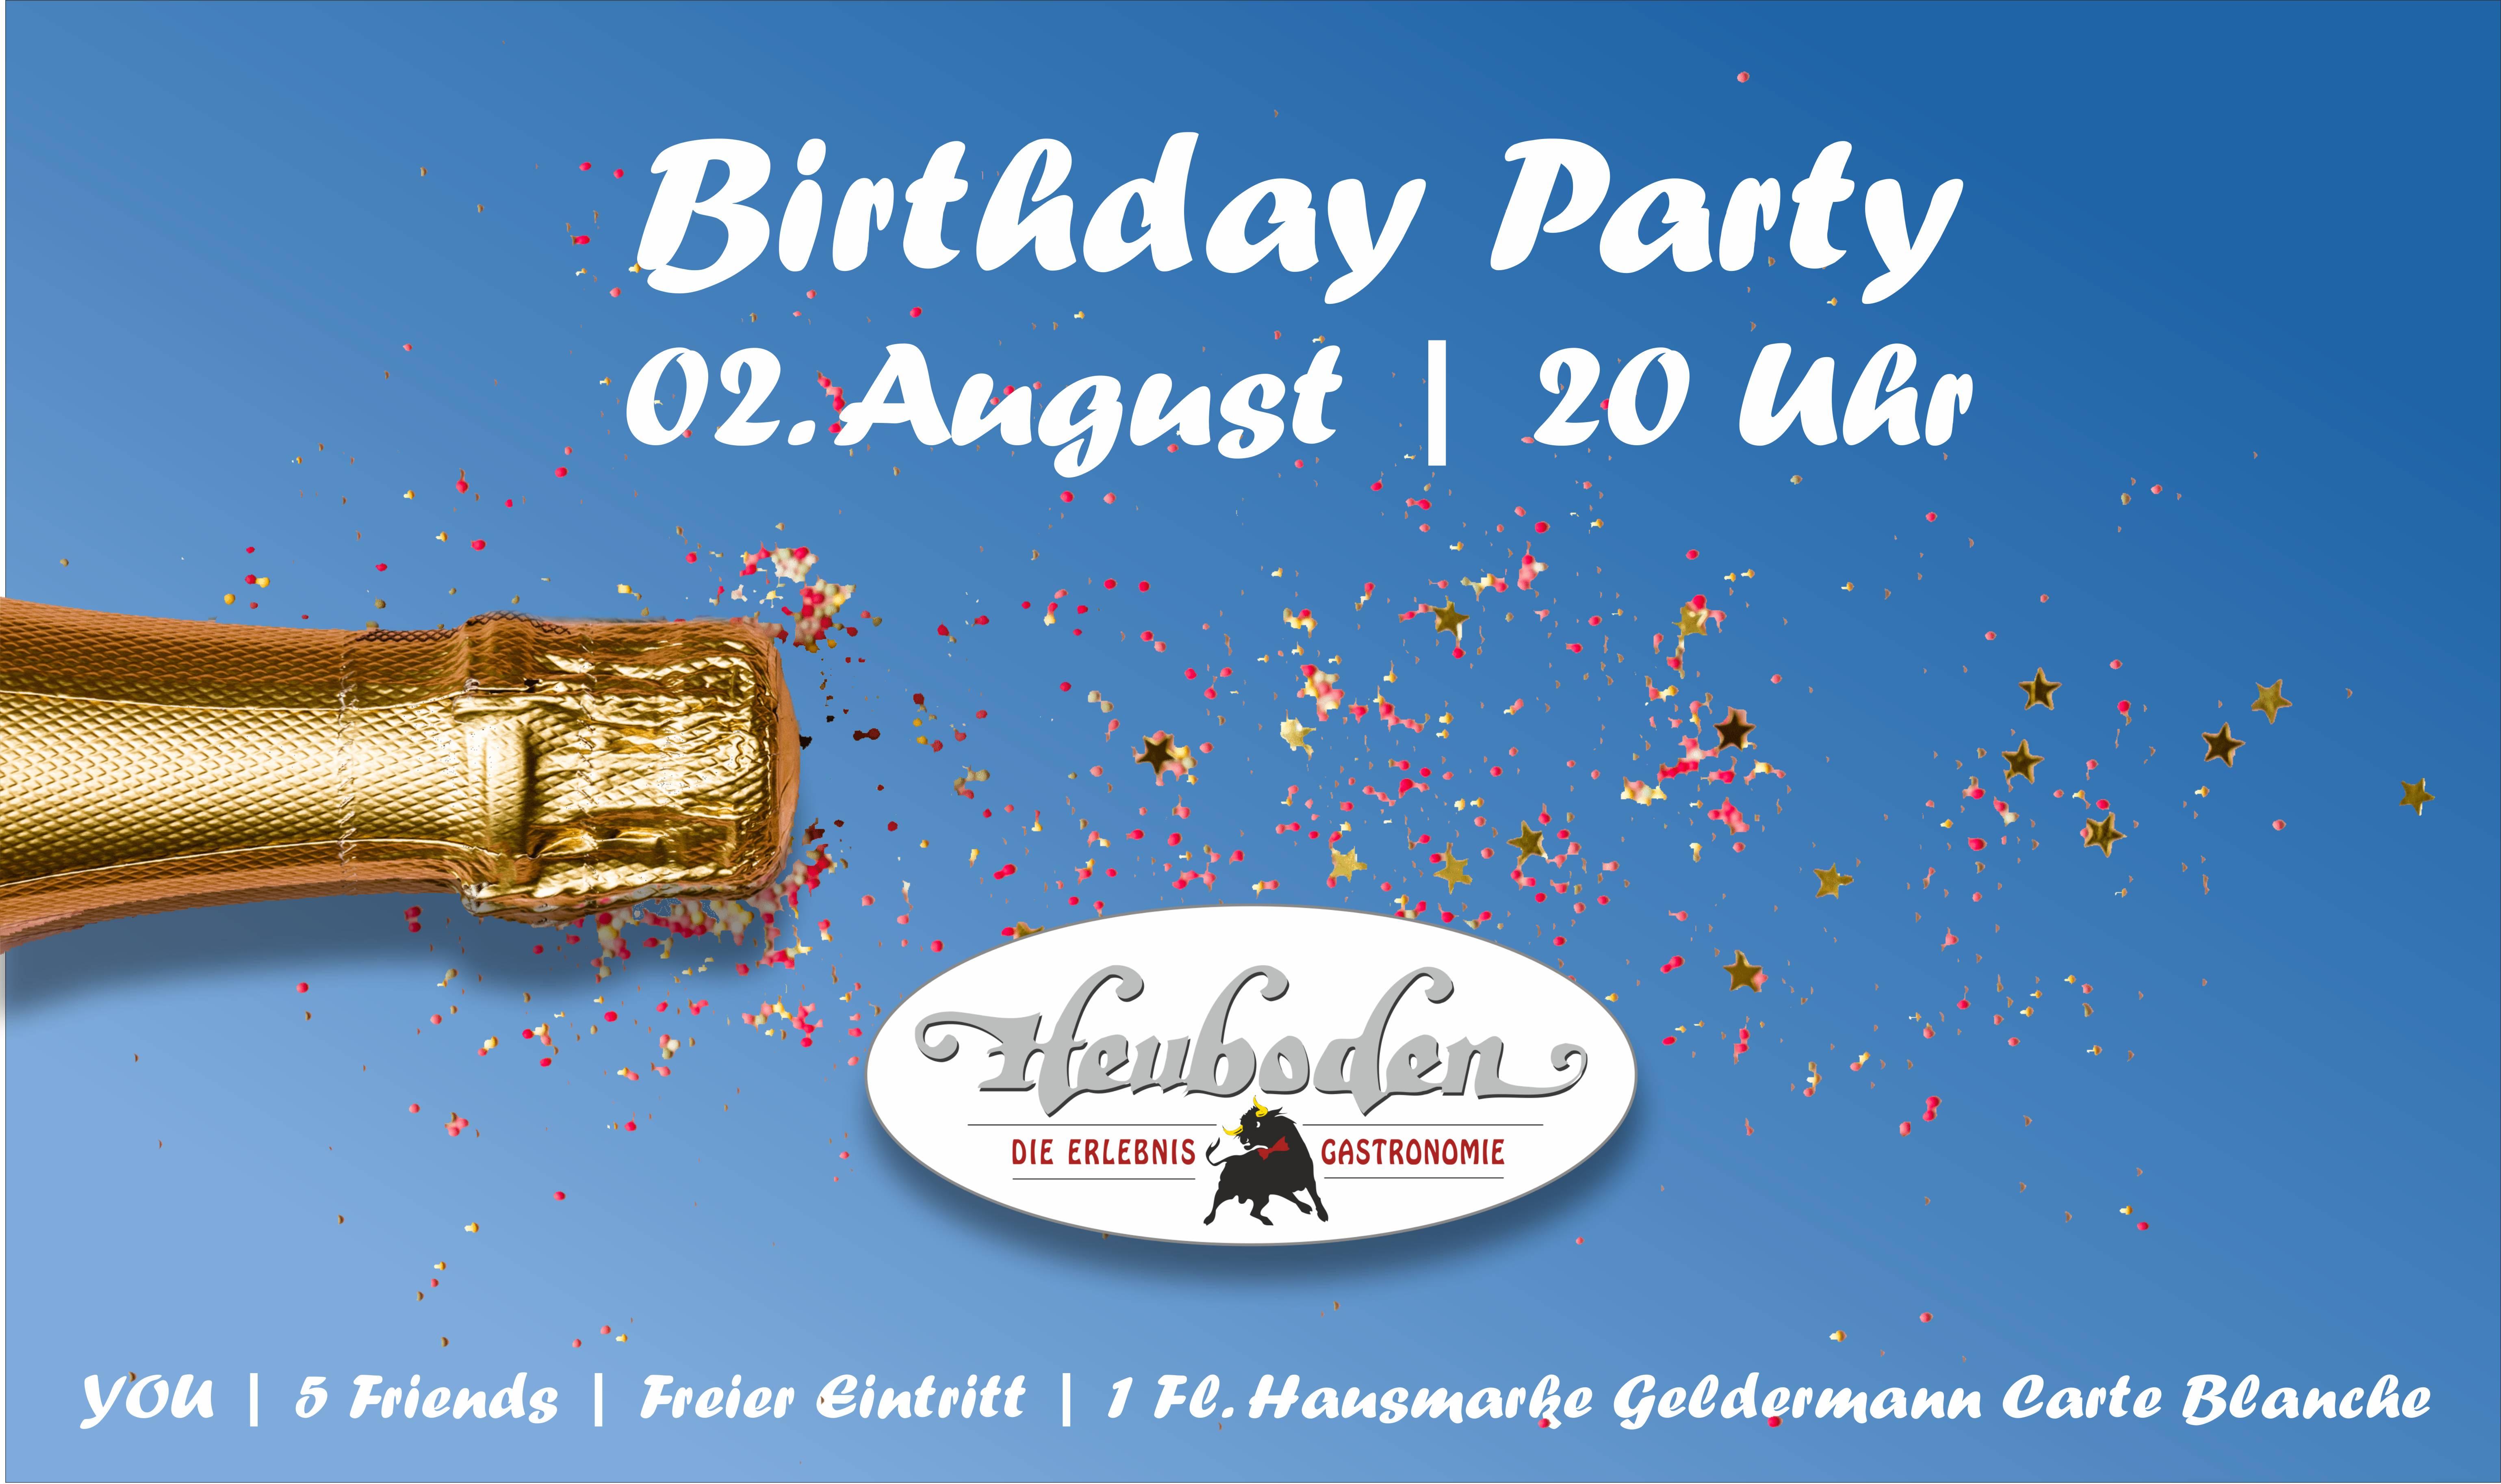 Facebook Banner Birthday Party Juli 2019